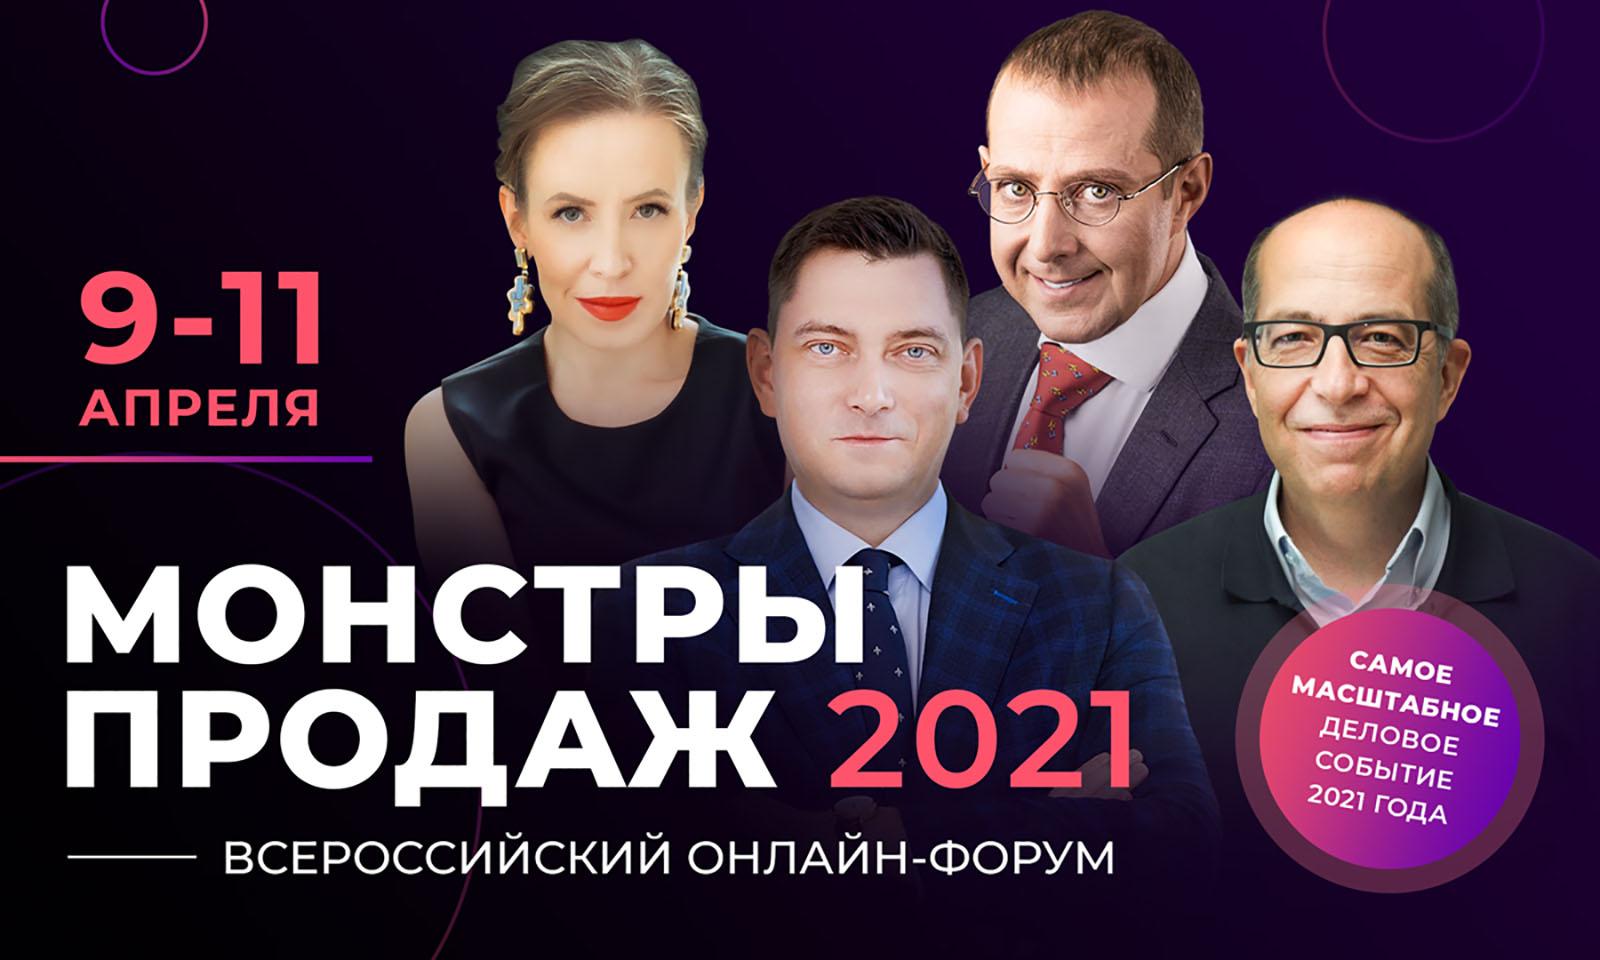 09-11 апреля 2021г. пройдет Всероссийский онлайн-форум «Монстры продаж 2021»